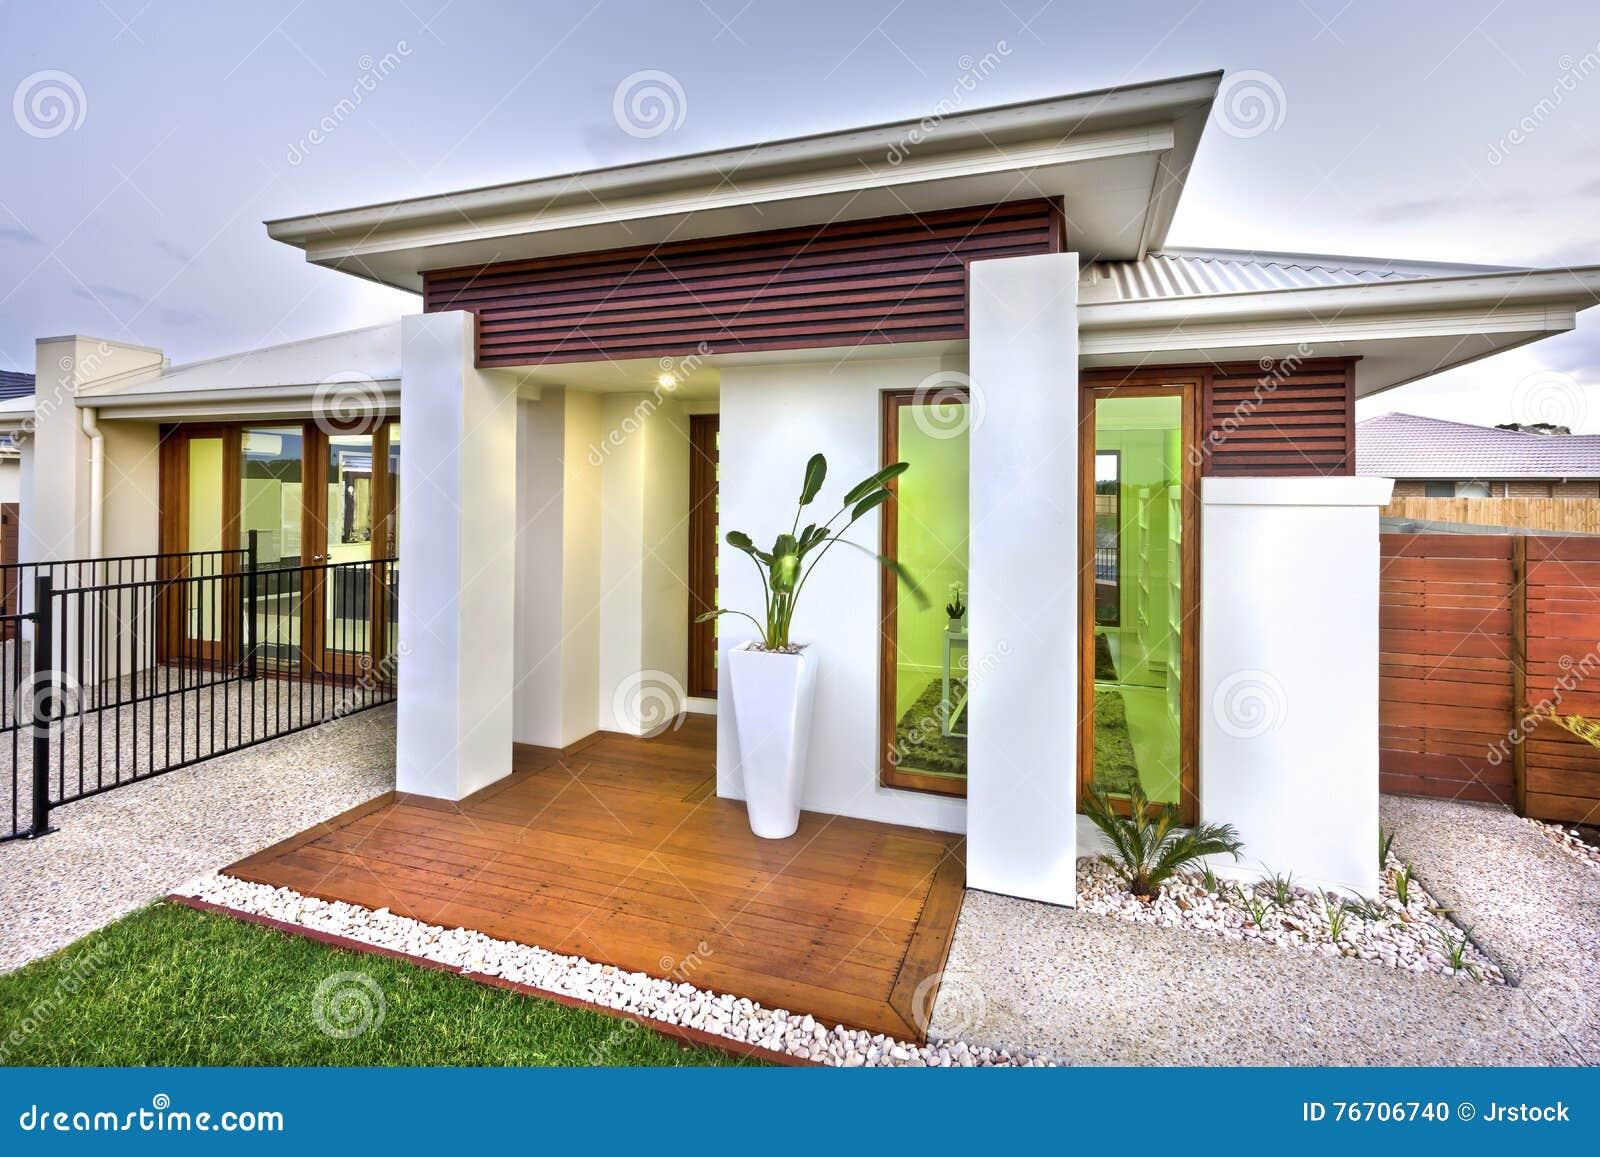 Elegant Moderne Hauseingänge Beste Wahl Pattern Moderner Eingang Mit Einem Hölzernen Und